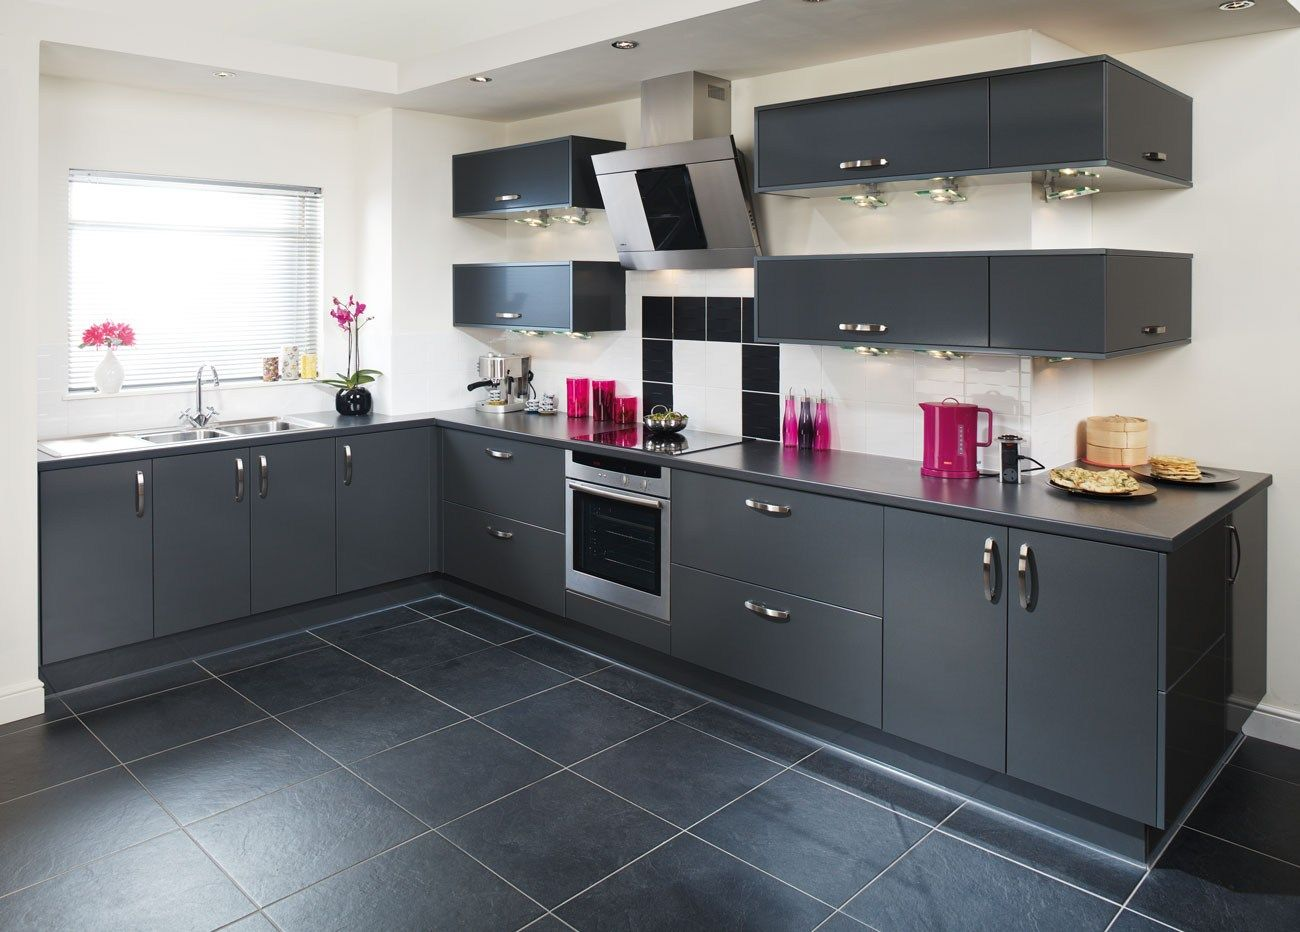 Ultra modern tampa anthracite kitchen design kitchens pinterest kitchen design kitchens - Ultra modern kitchen designs ...